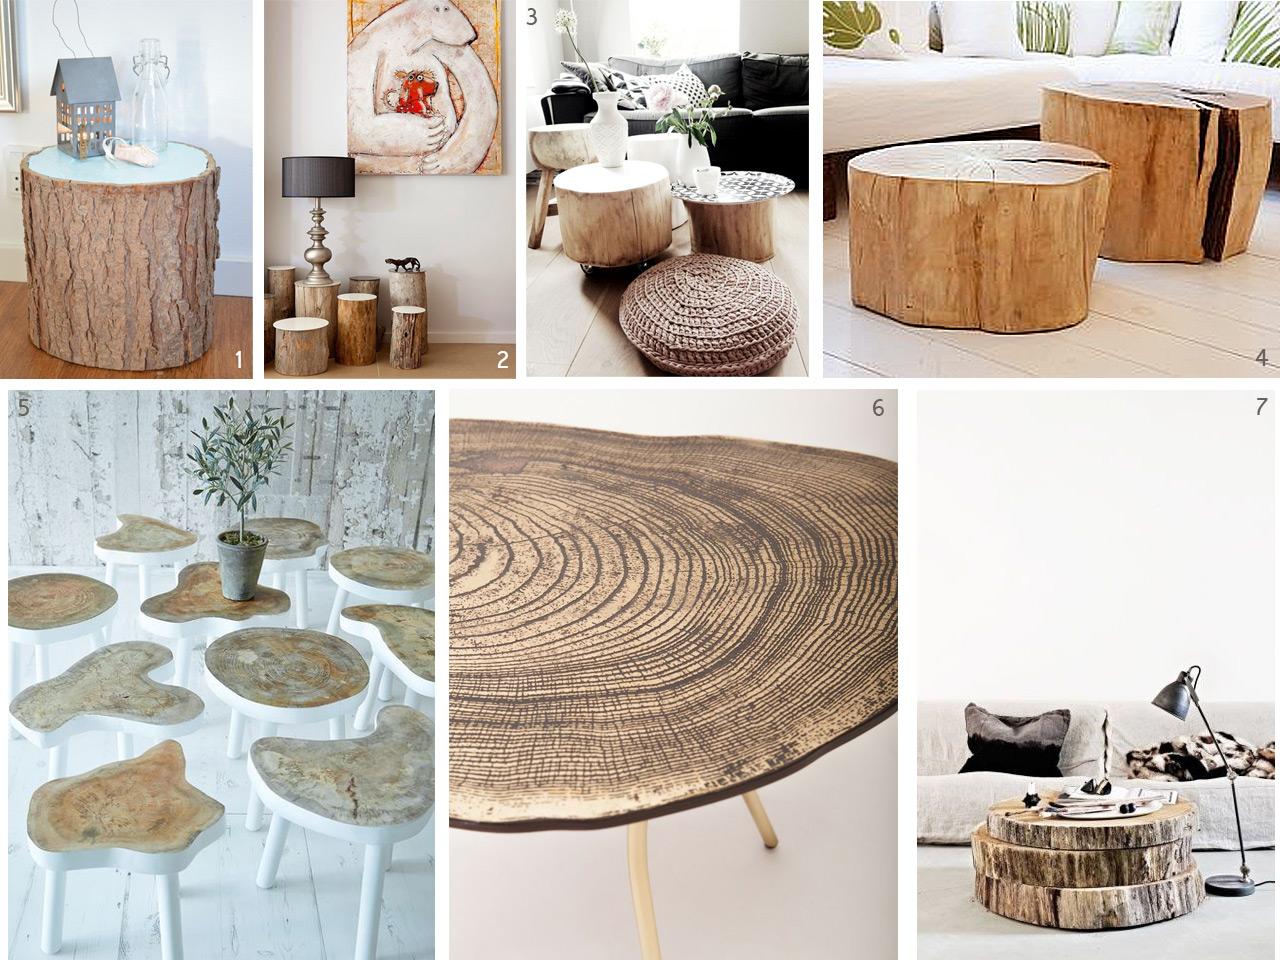 El bosque en casa ramas troncos y manualidades en madera for Como decorar mi casa con cosas sencillas